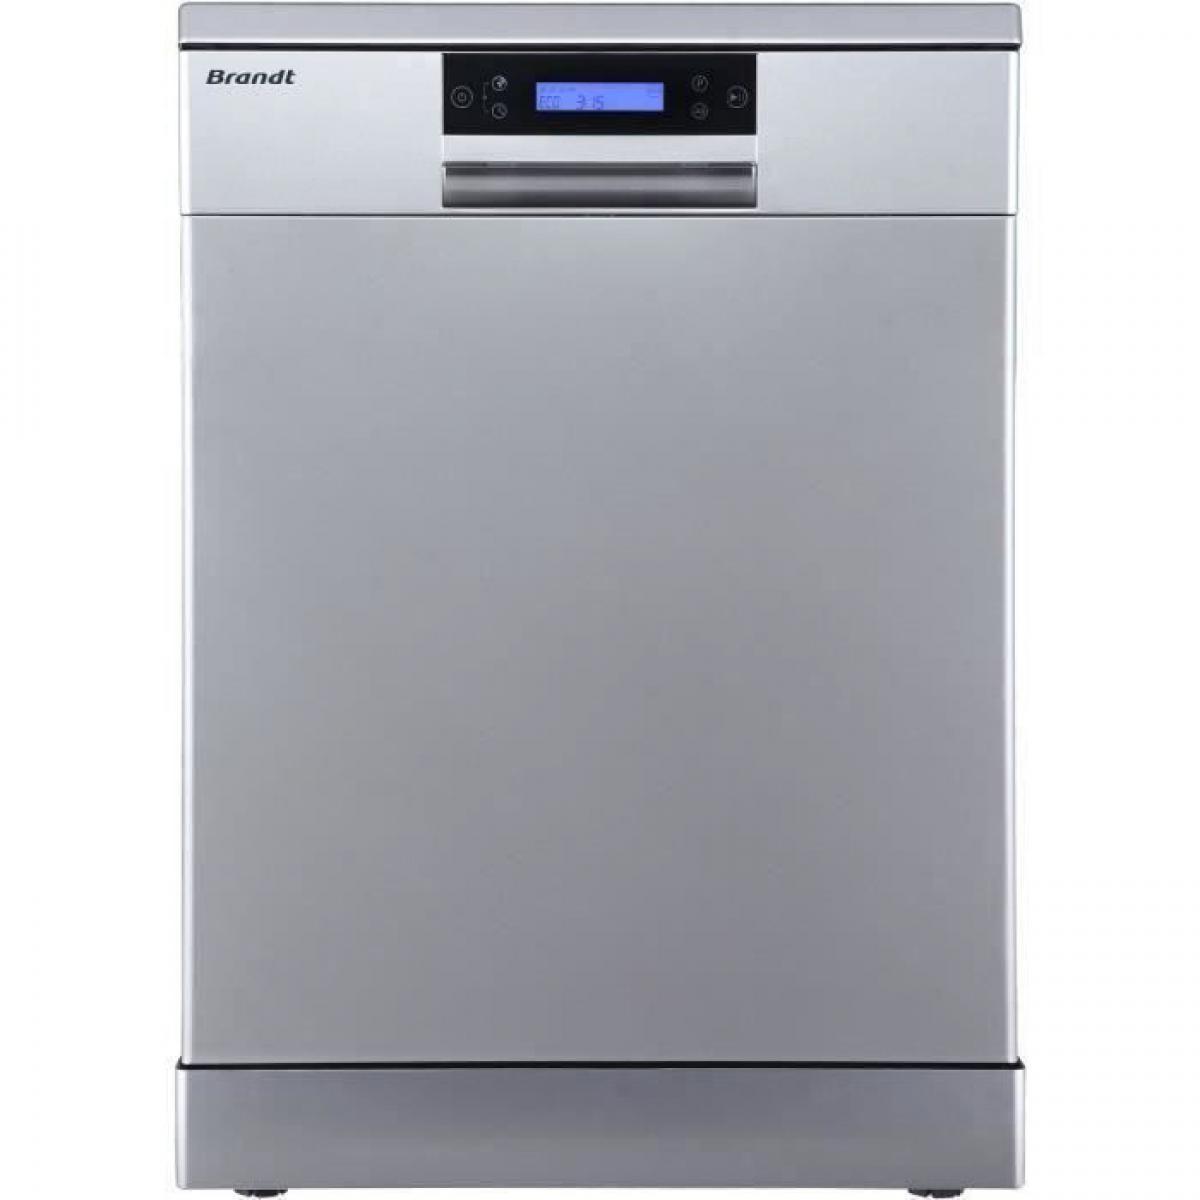 Brandt Lave-vaisselle pose libre BRANDT LVC144IX - 14 couverts - Moteur inverter - 44 dB - Inox